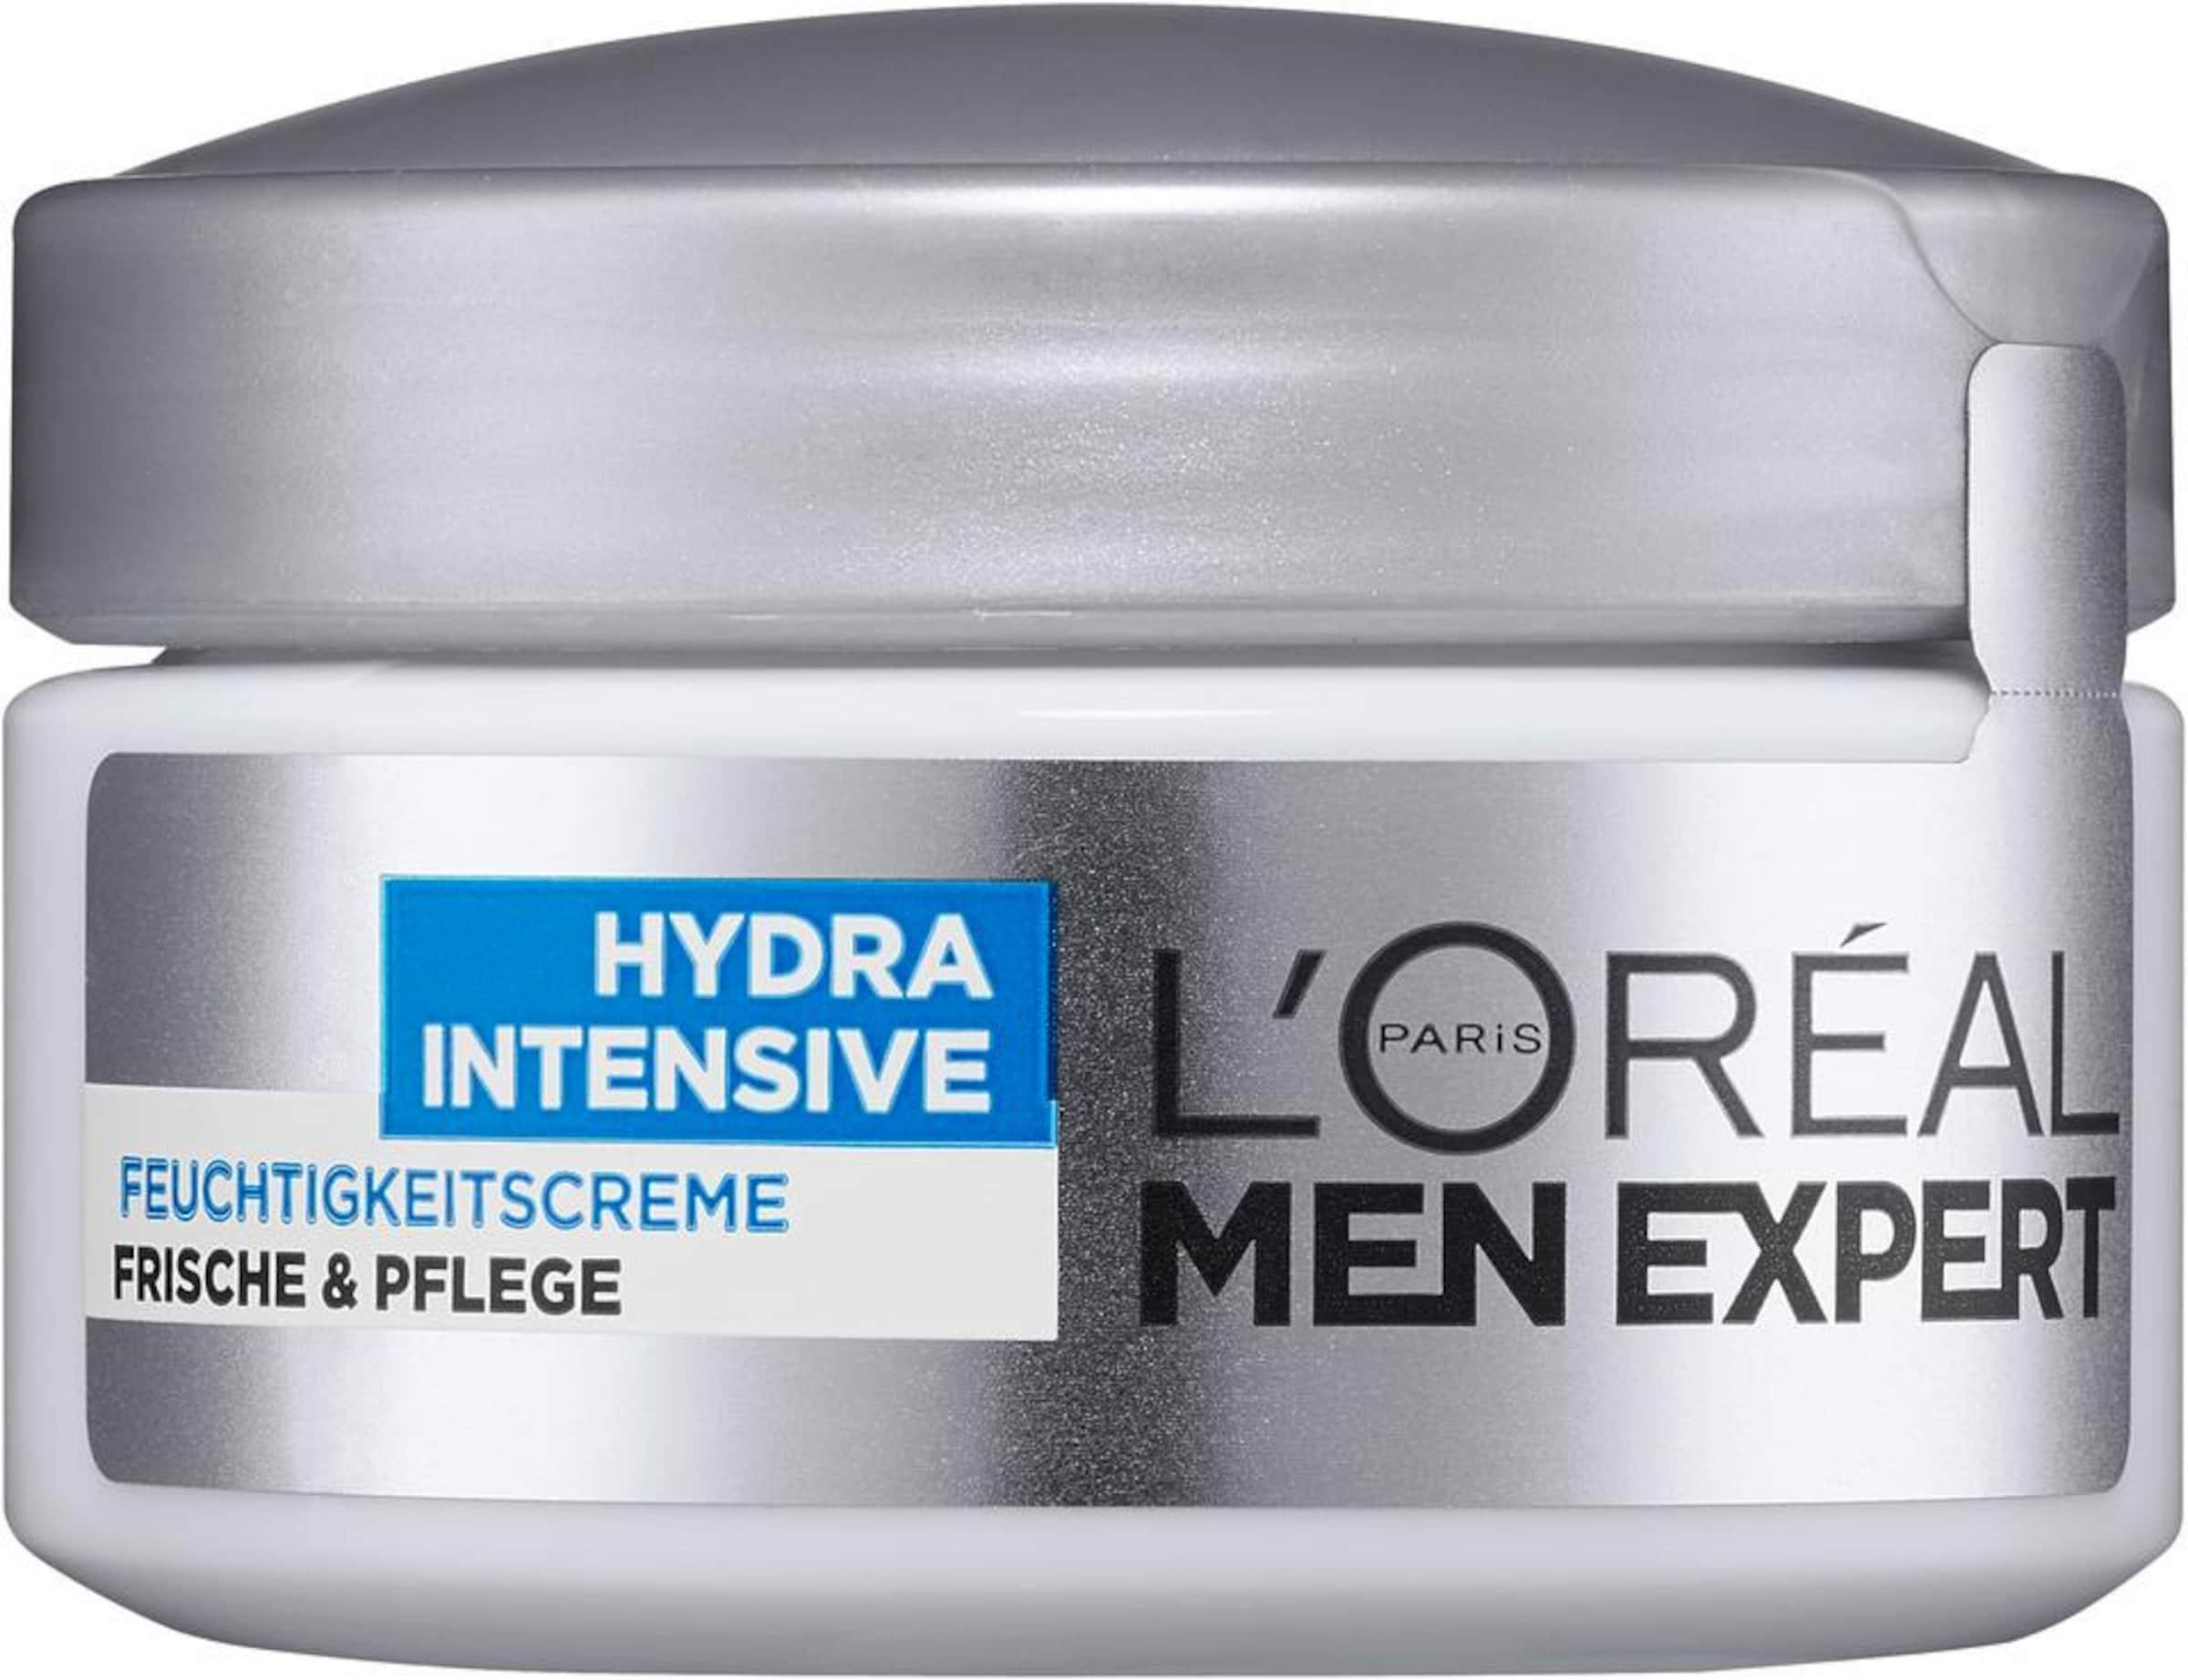 Expert 'hydra In Feuchtigkeitspflege Men Weiß Intensive' Paris L'oréal EYWIHD29